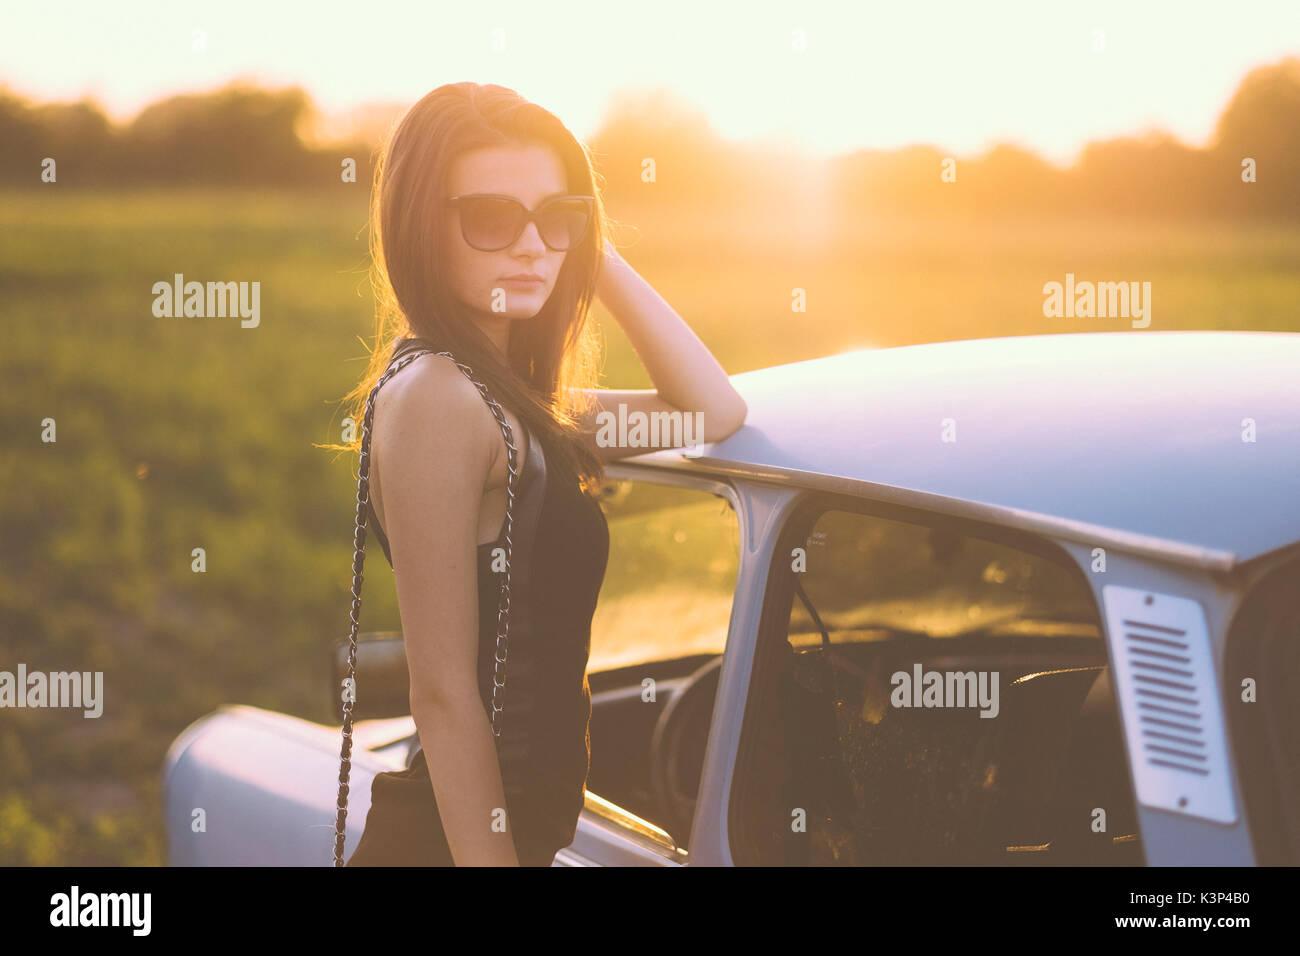 Frau mit einem retro Auto im Sommer Sonnenuntergang Stockfoto